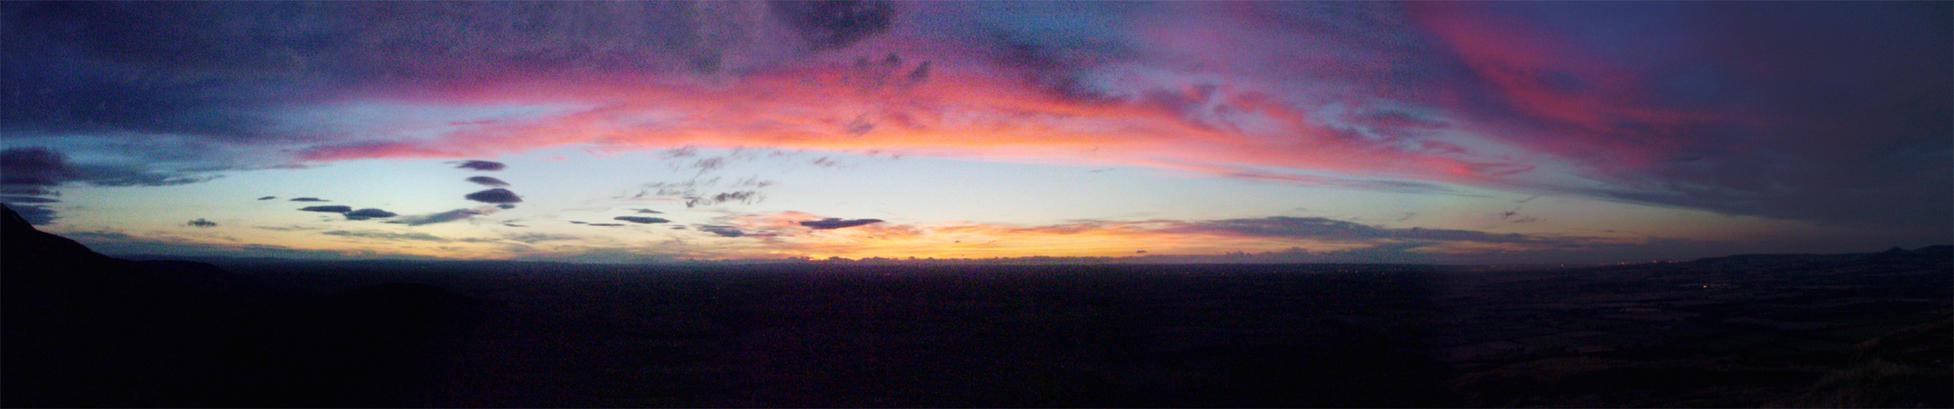 Carlton moor sunset panoramic by tomcrocker